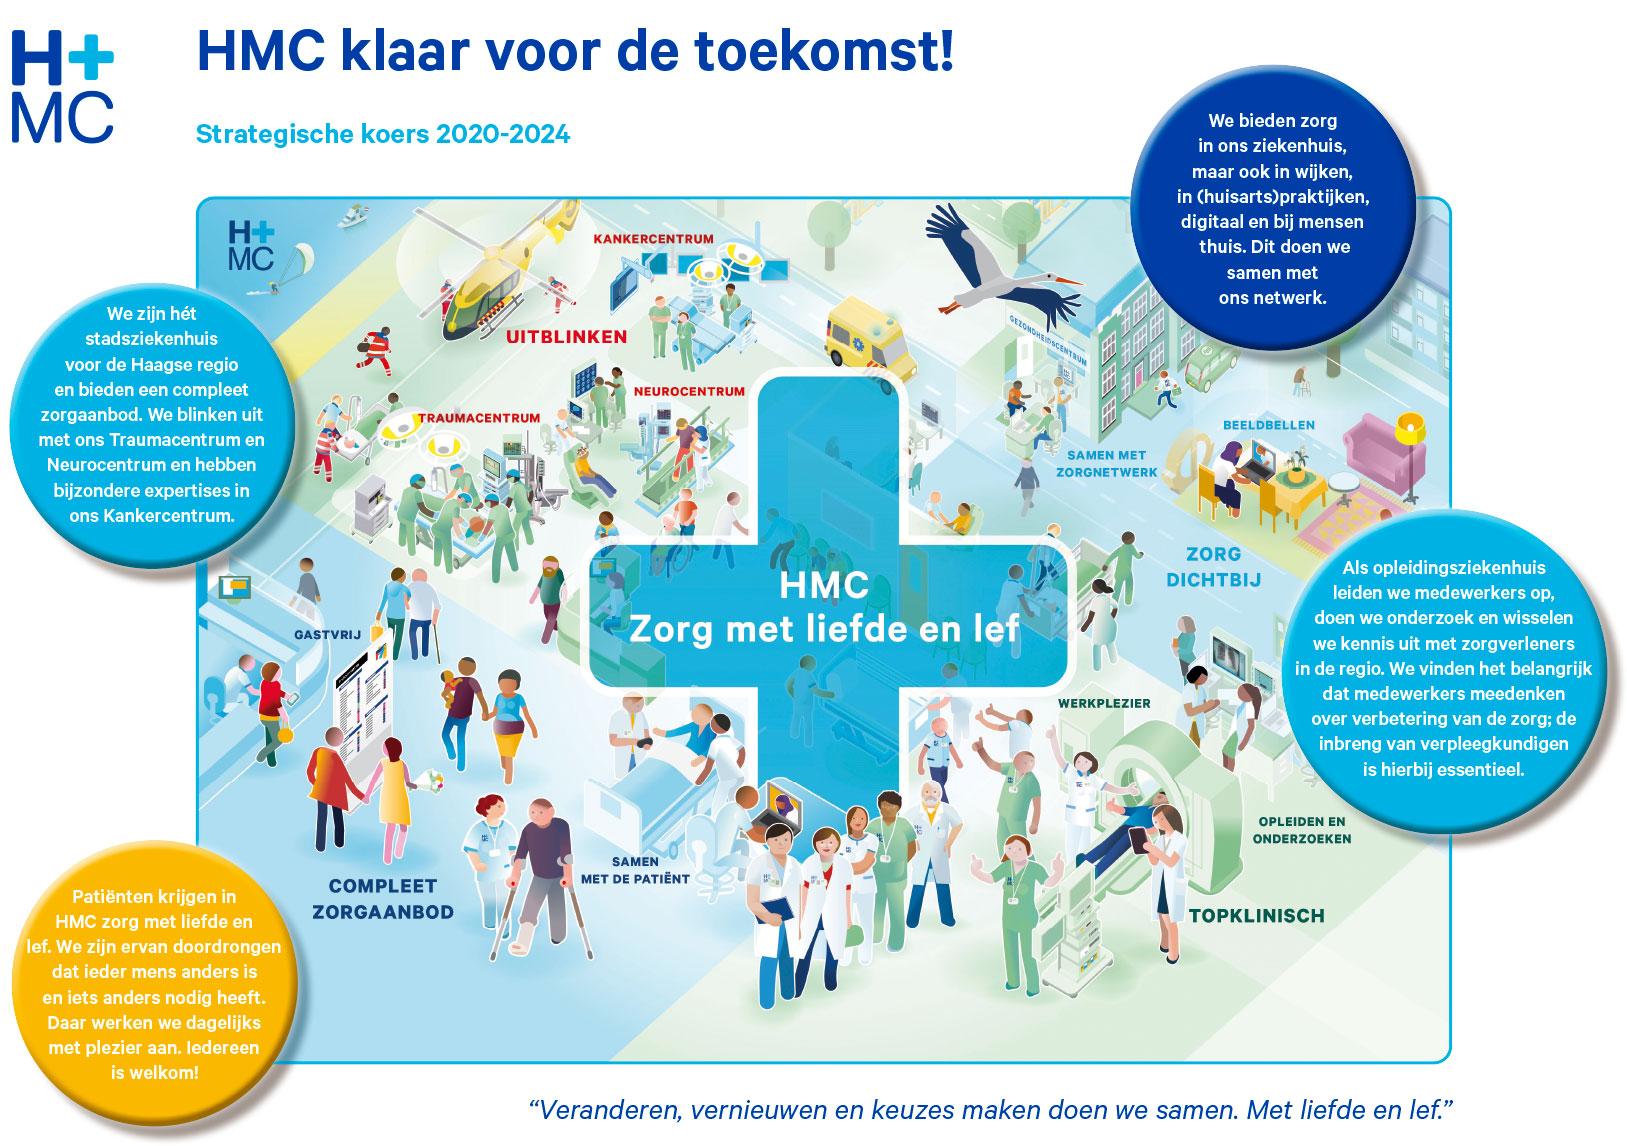 HMC SPEERPUNTEN IN STRATEGISCHE KOERS 2020-2024